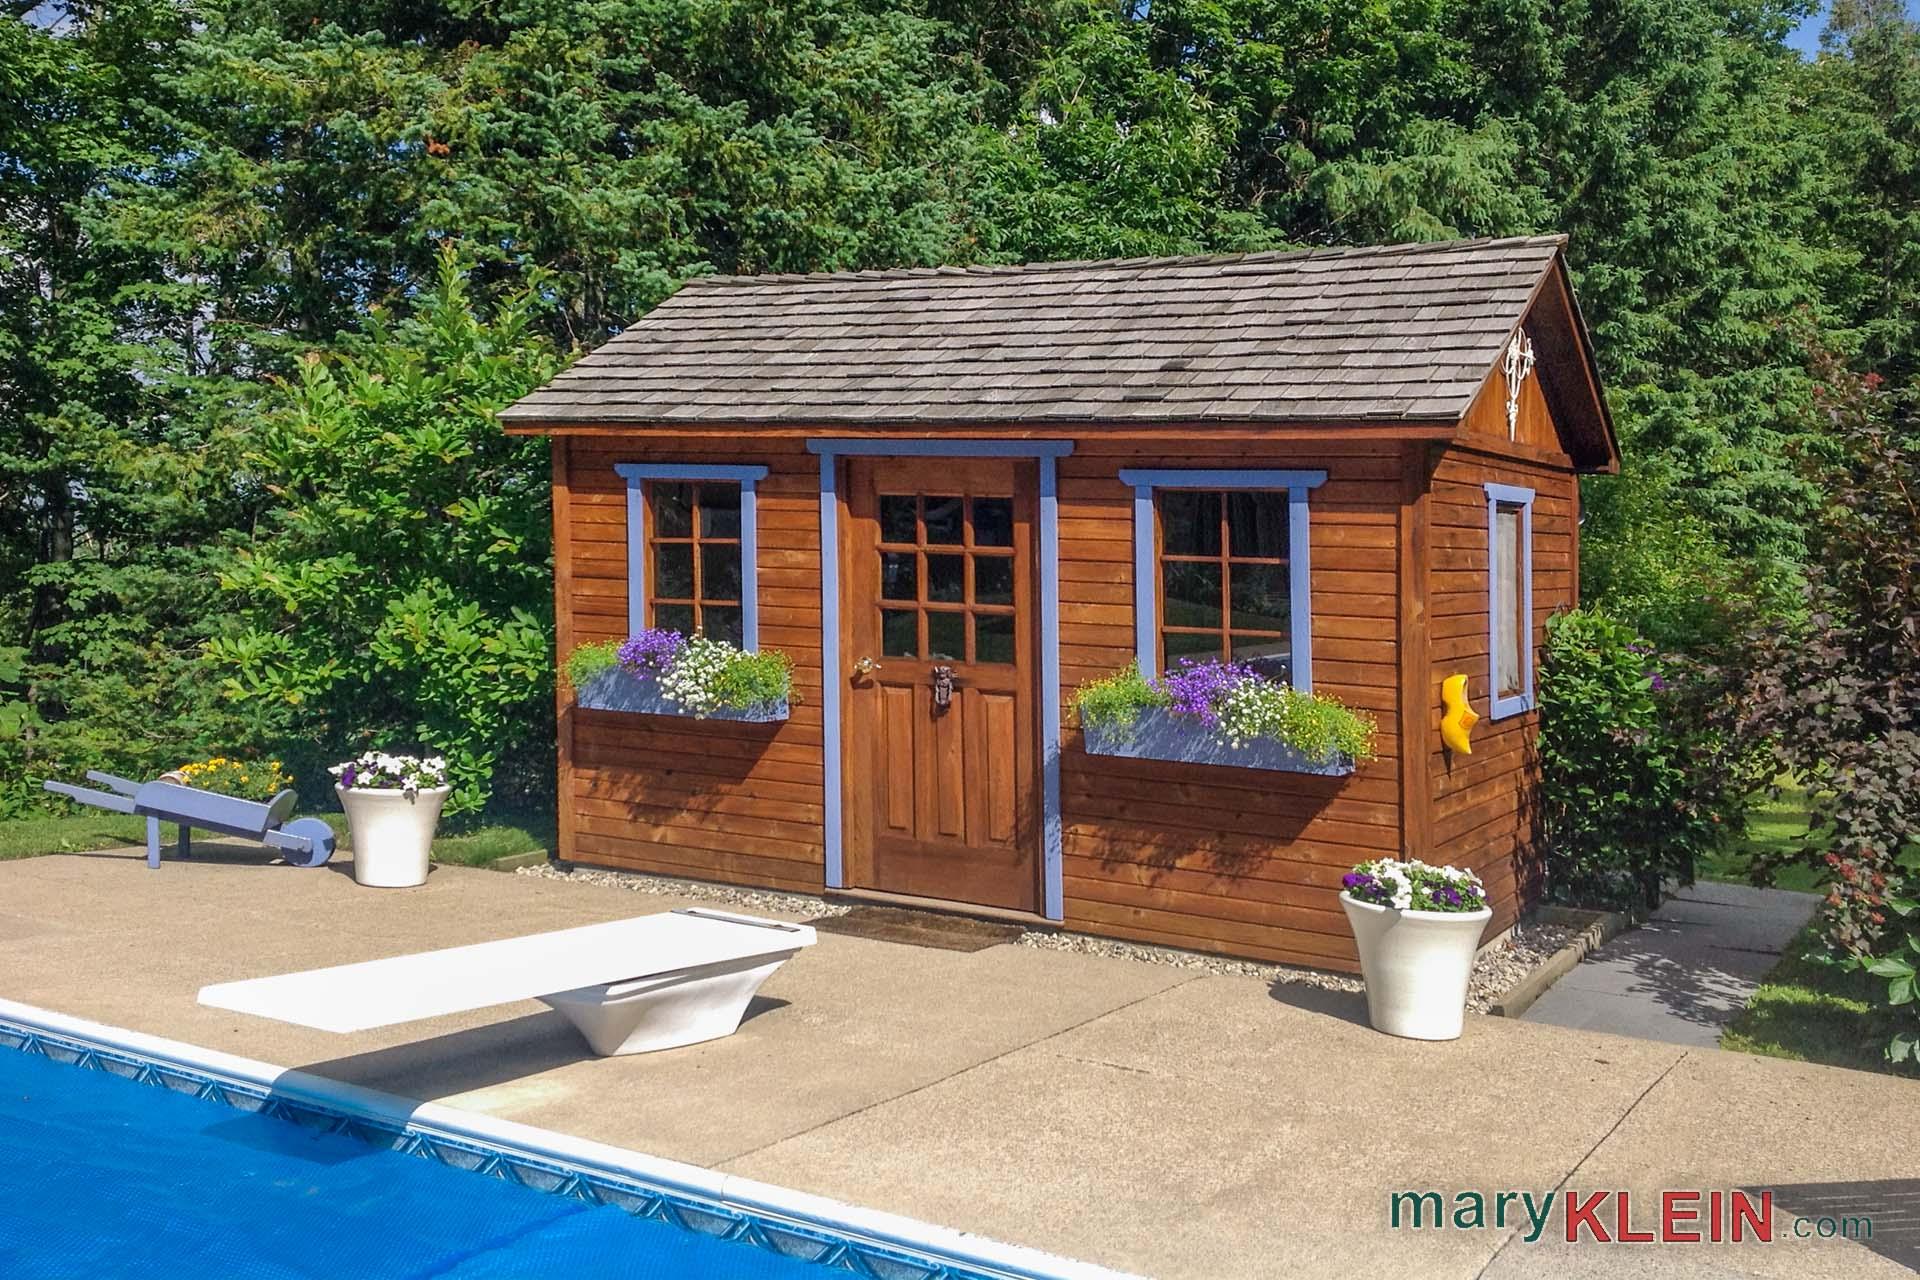 Pool house, Cabana